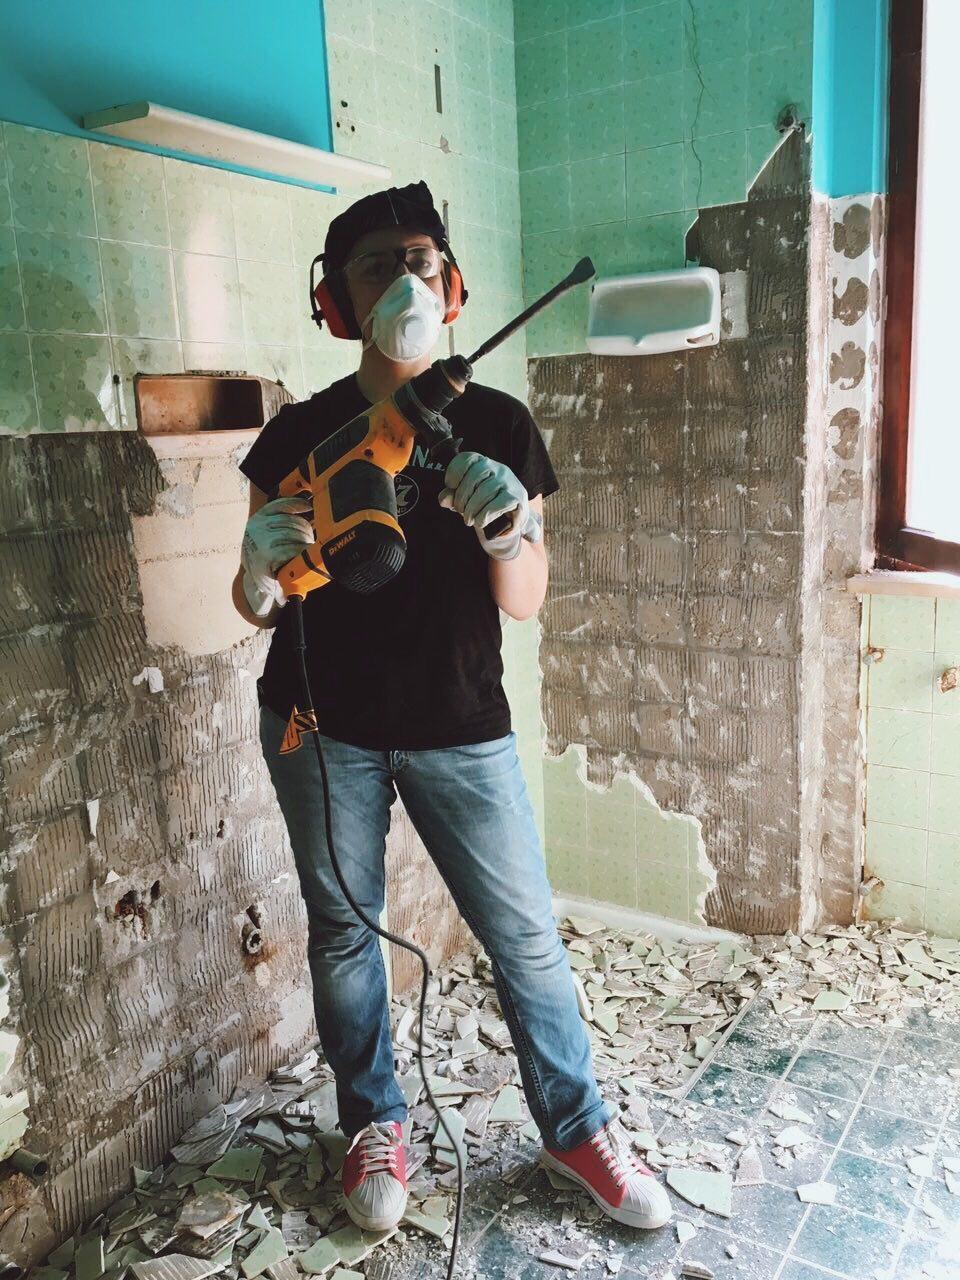 cronachediunaristrutturazione #cronachediunaristrutturazione room tour kiki tales cronache di una ristrutturazione